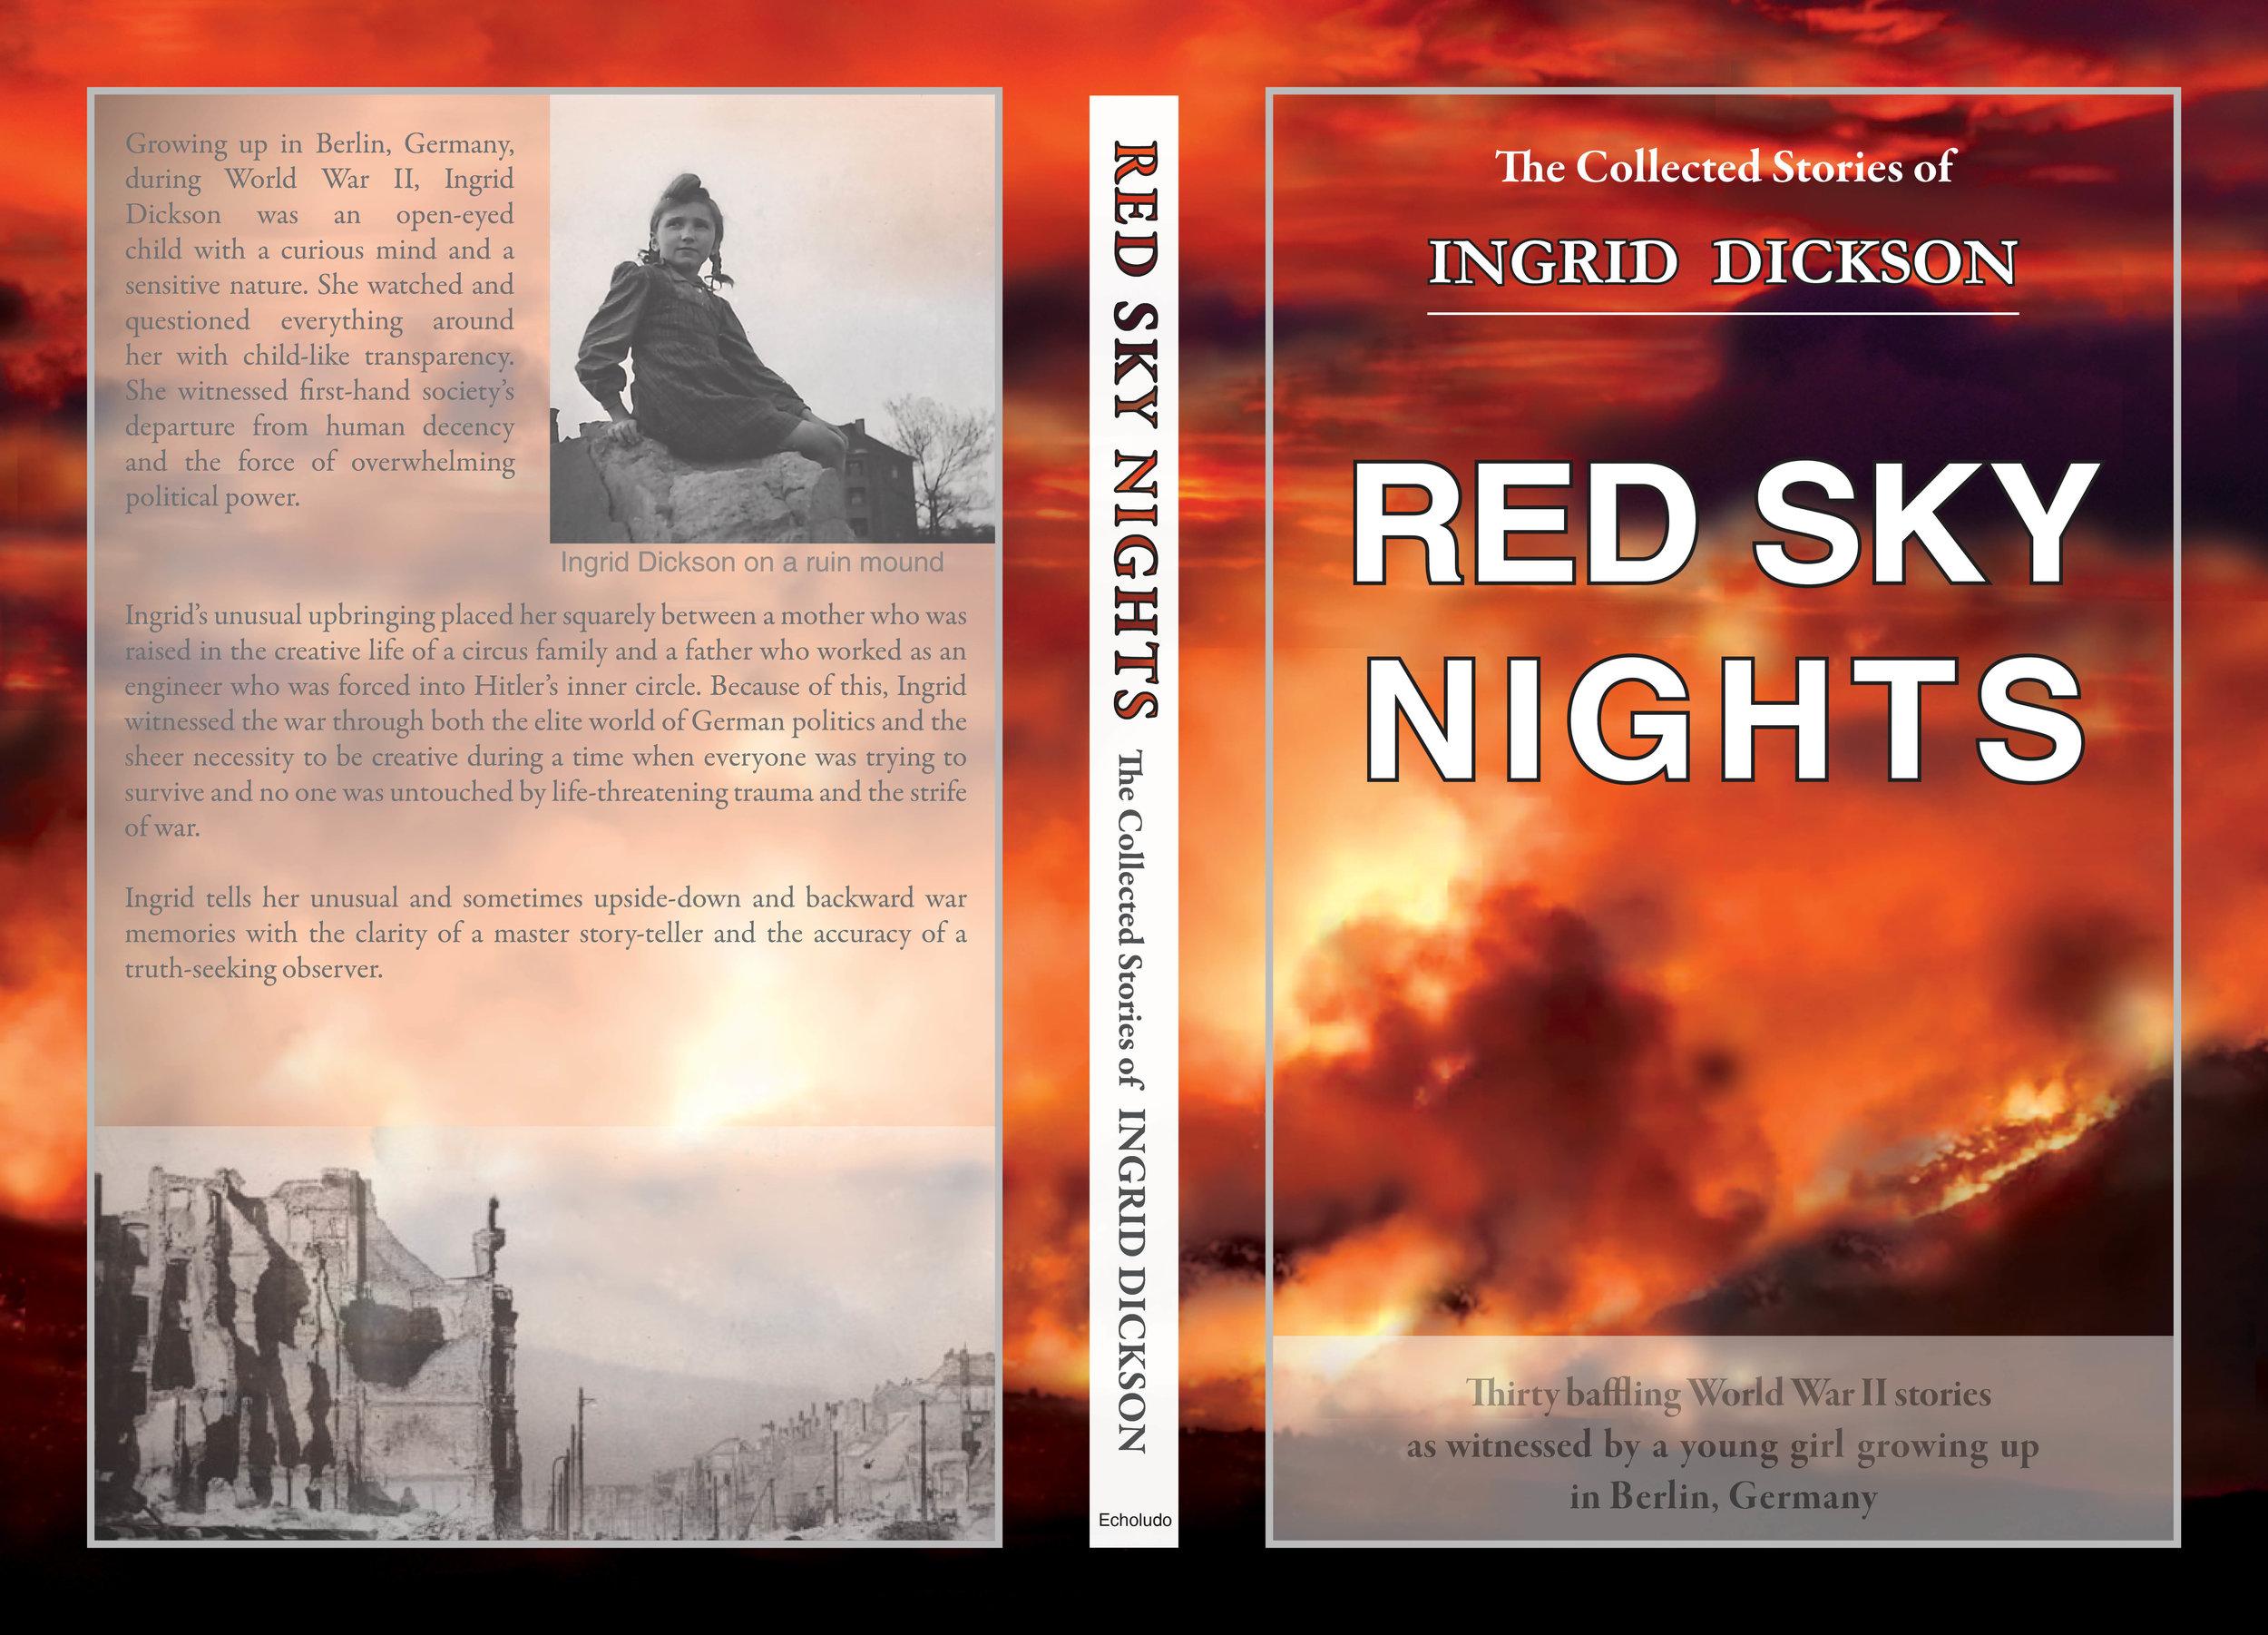 RedSkyNightsCover Draft07222019.jpg